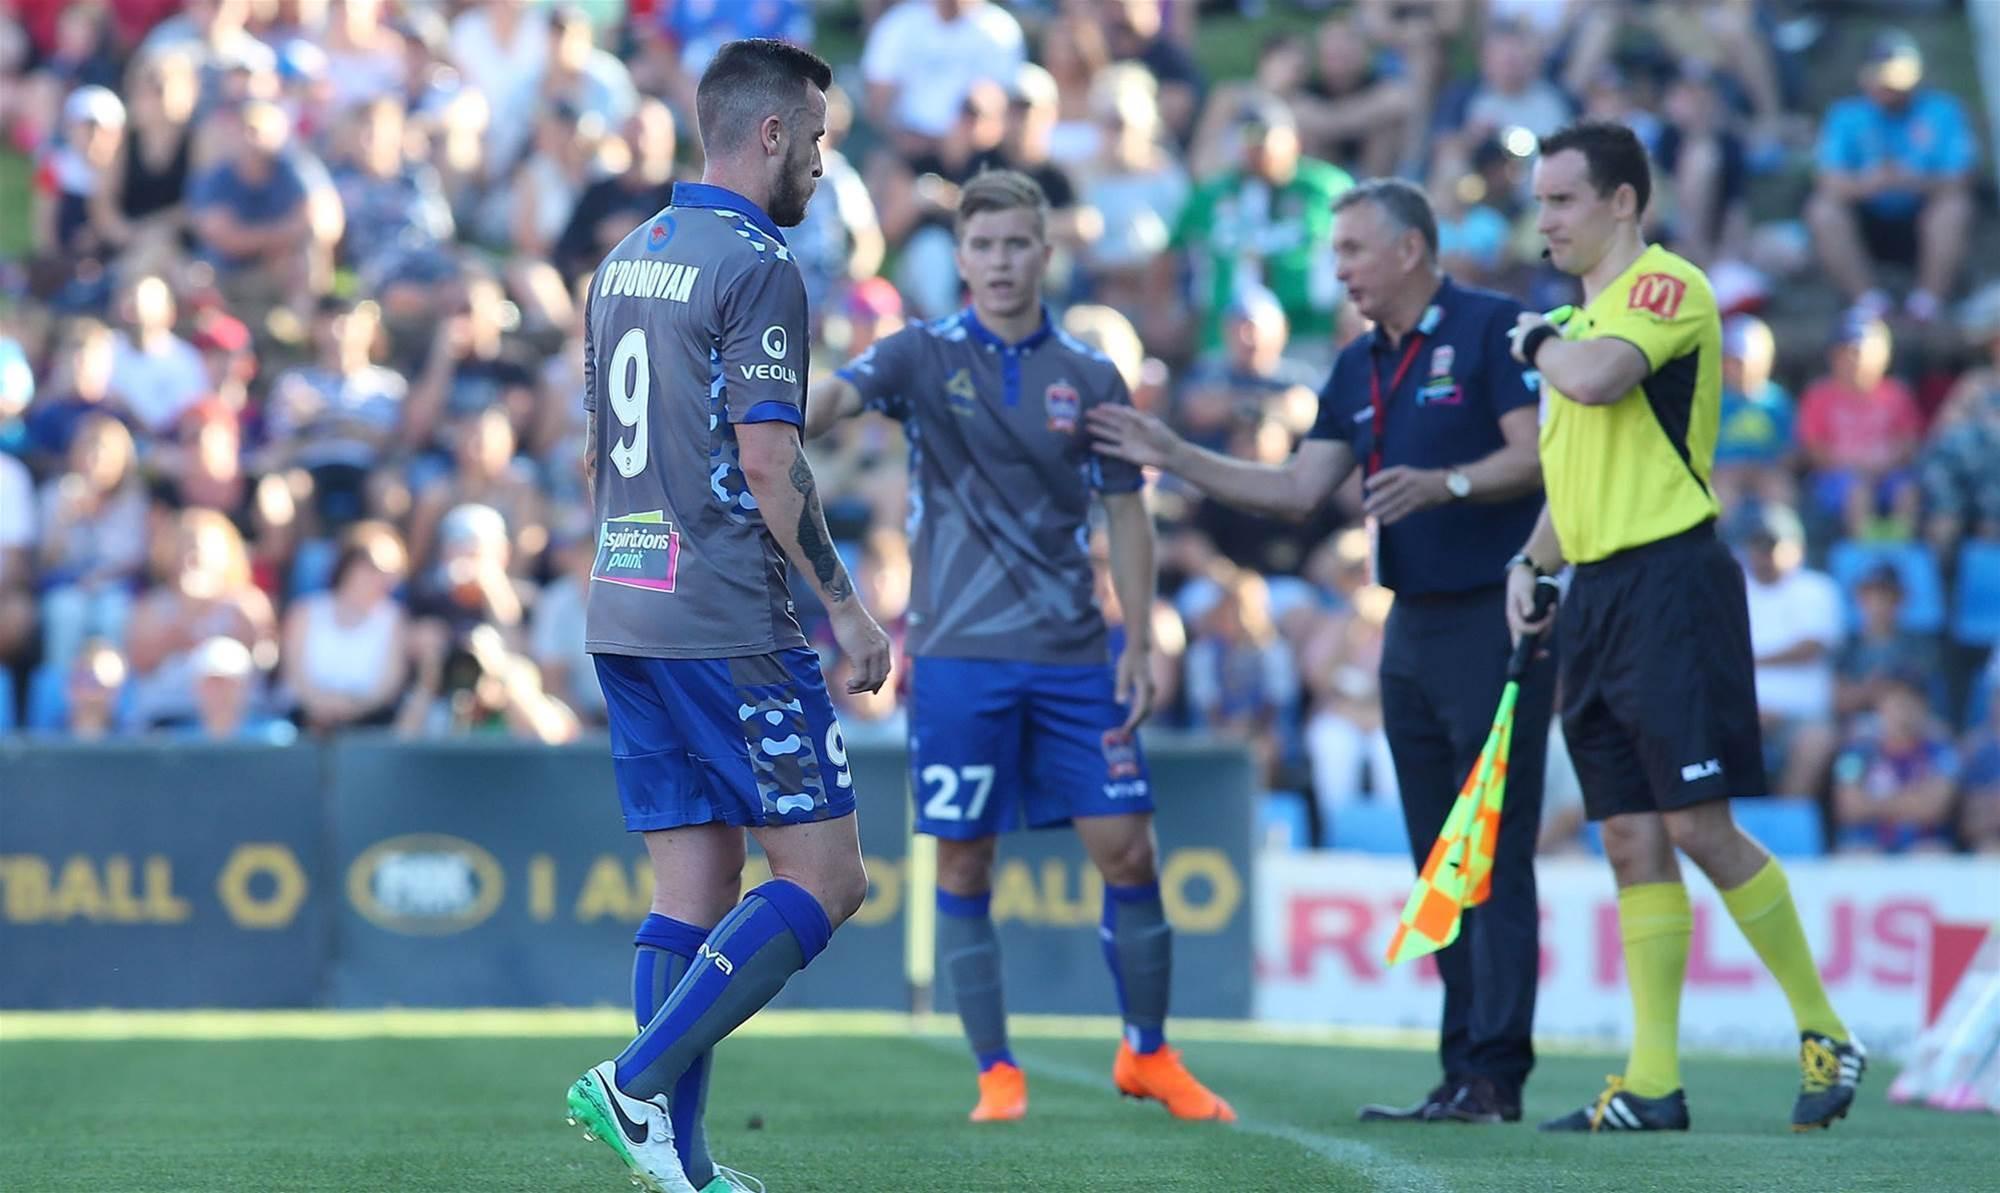 O'Donovan cops two match ban